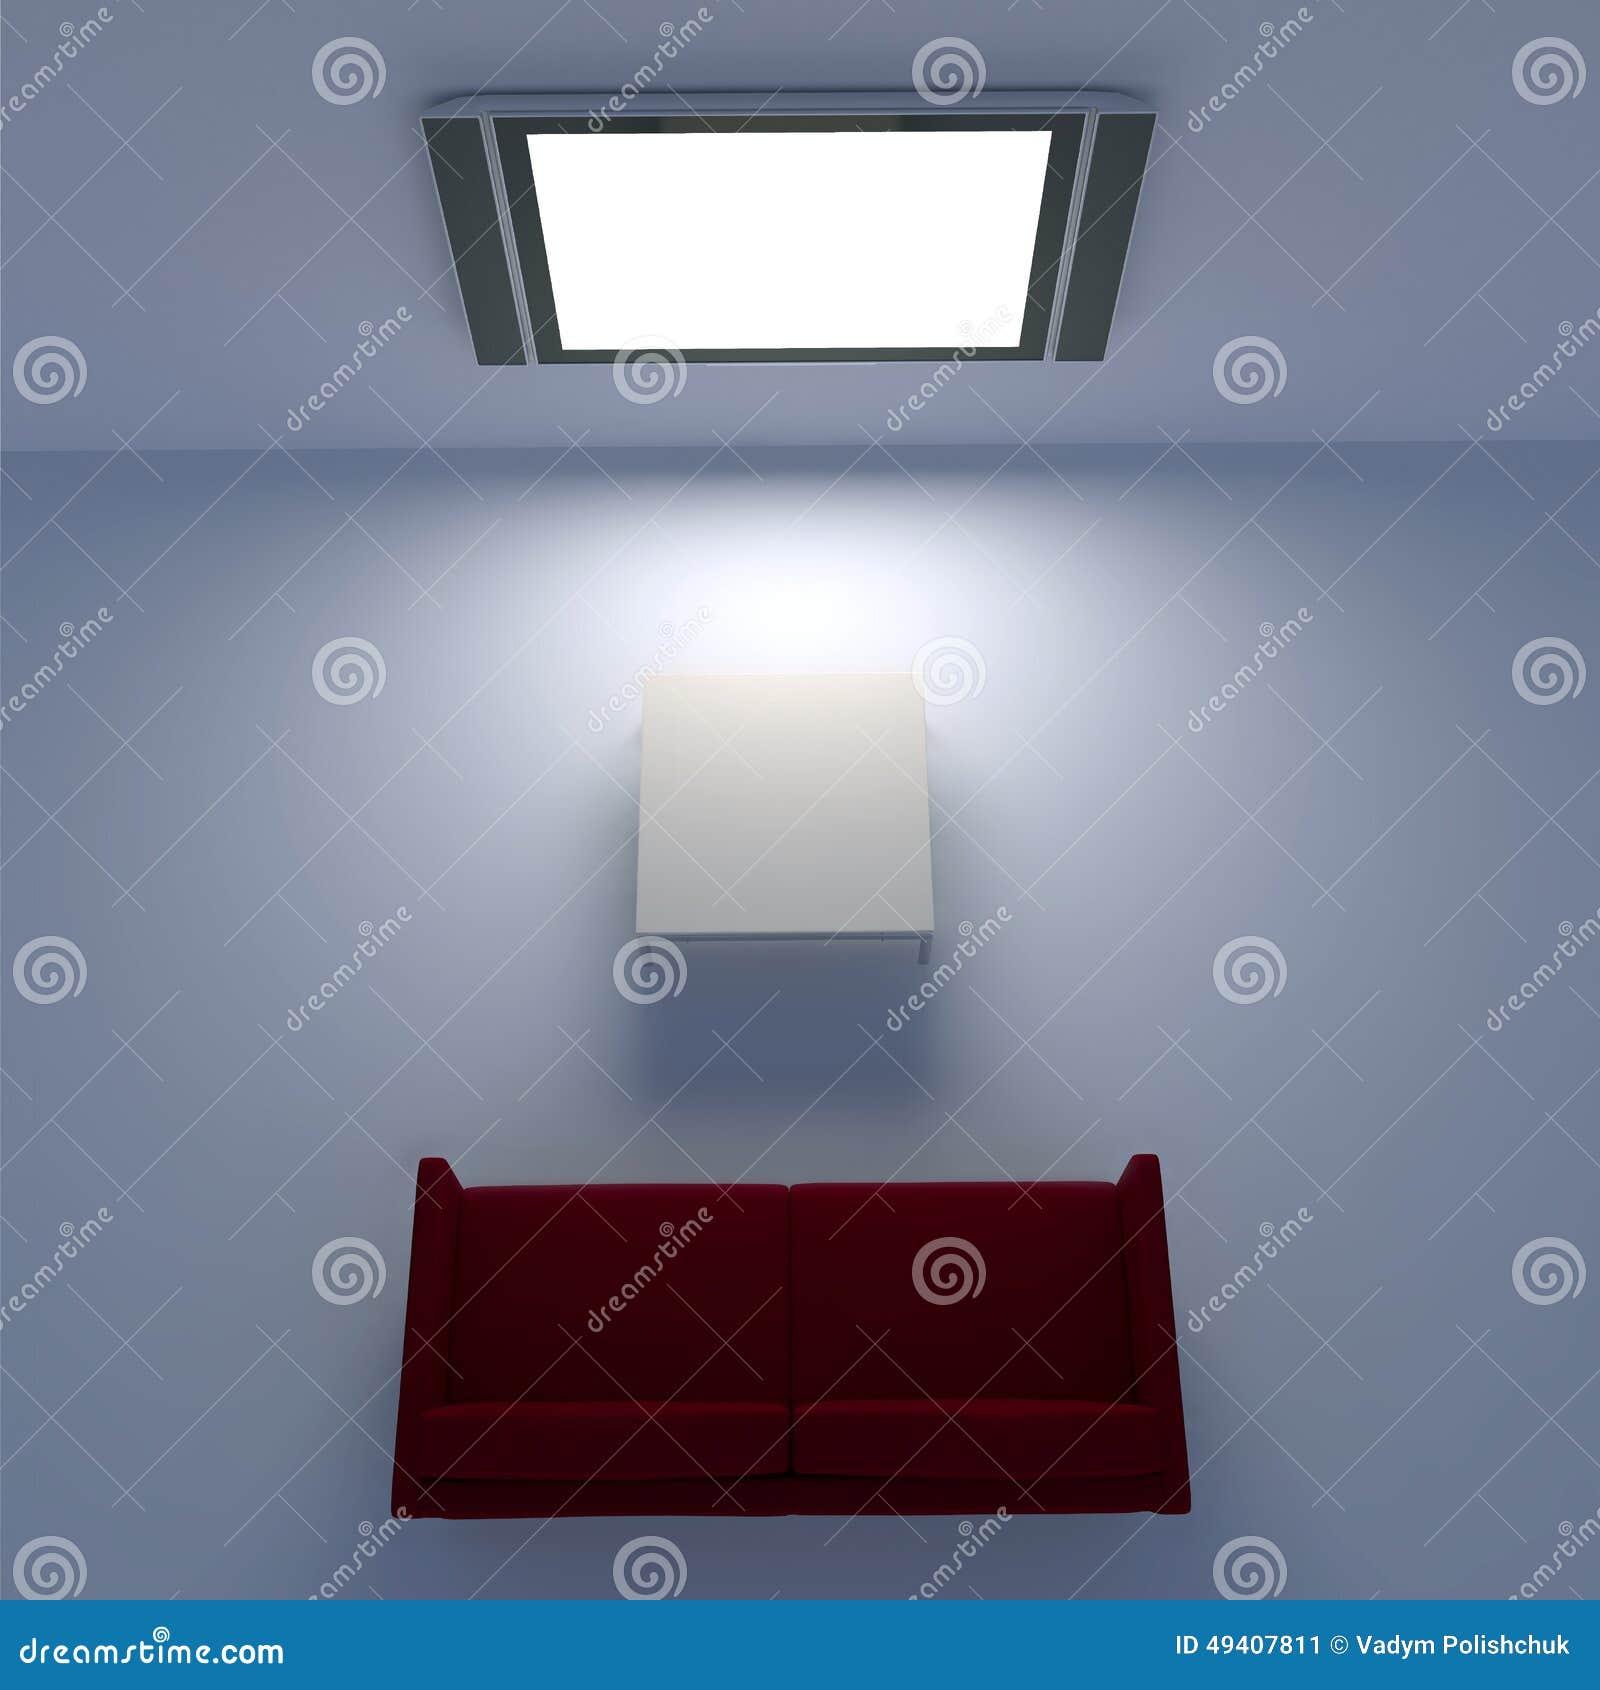 Download Rotes Sofa Mit Einem Flachbildschirm Fernsehen Auf Der Wand Stock Abbildung - Illustration von minimal, auszug: 49407811